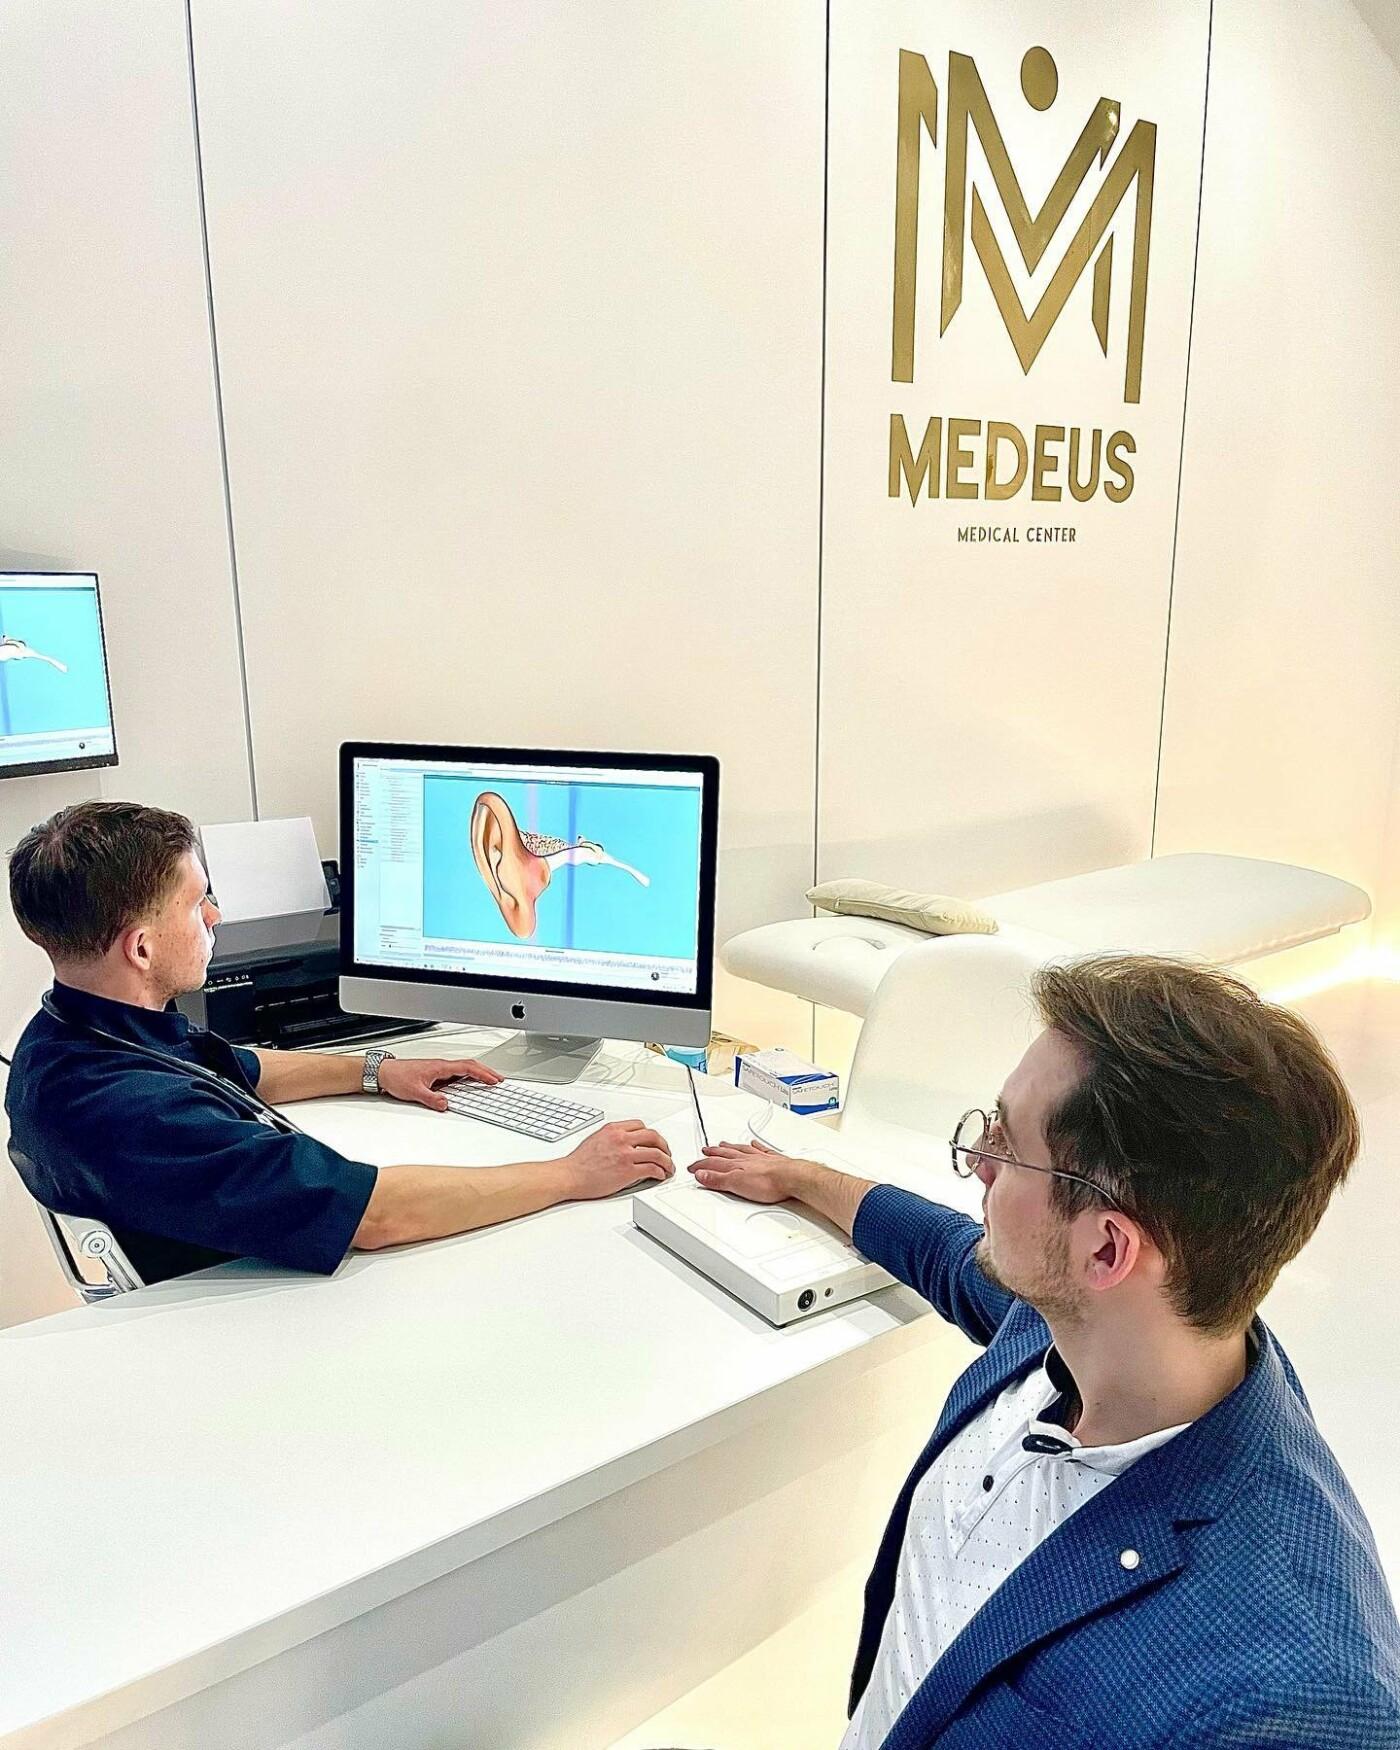 Medeus - квантовая диагностика организма уже в Киеве, фото-4